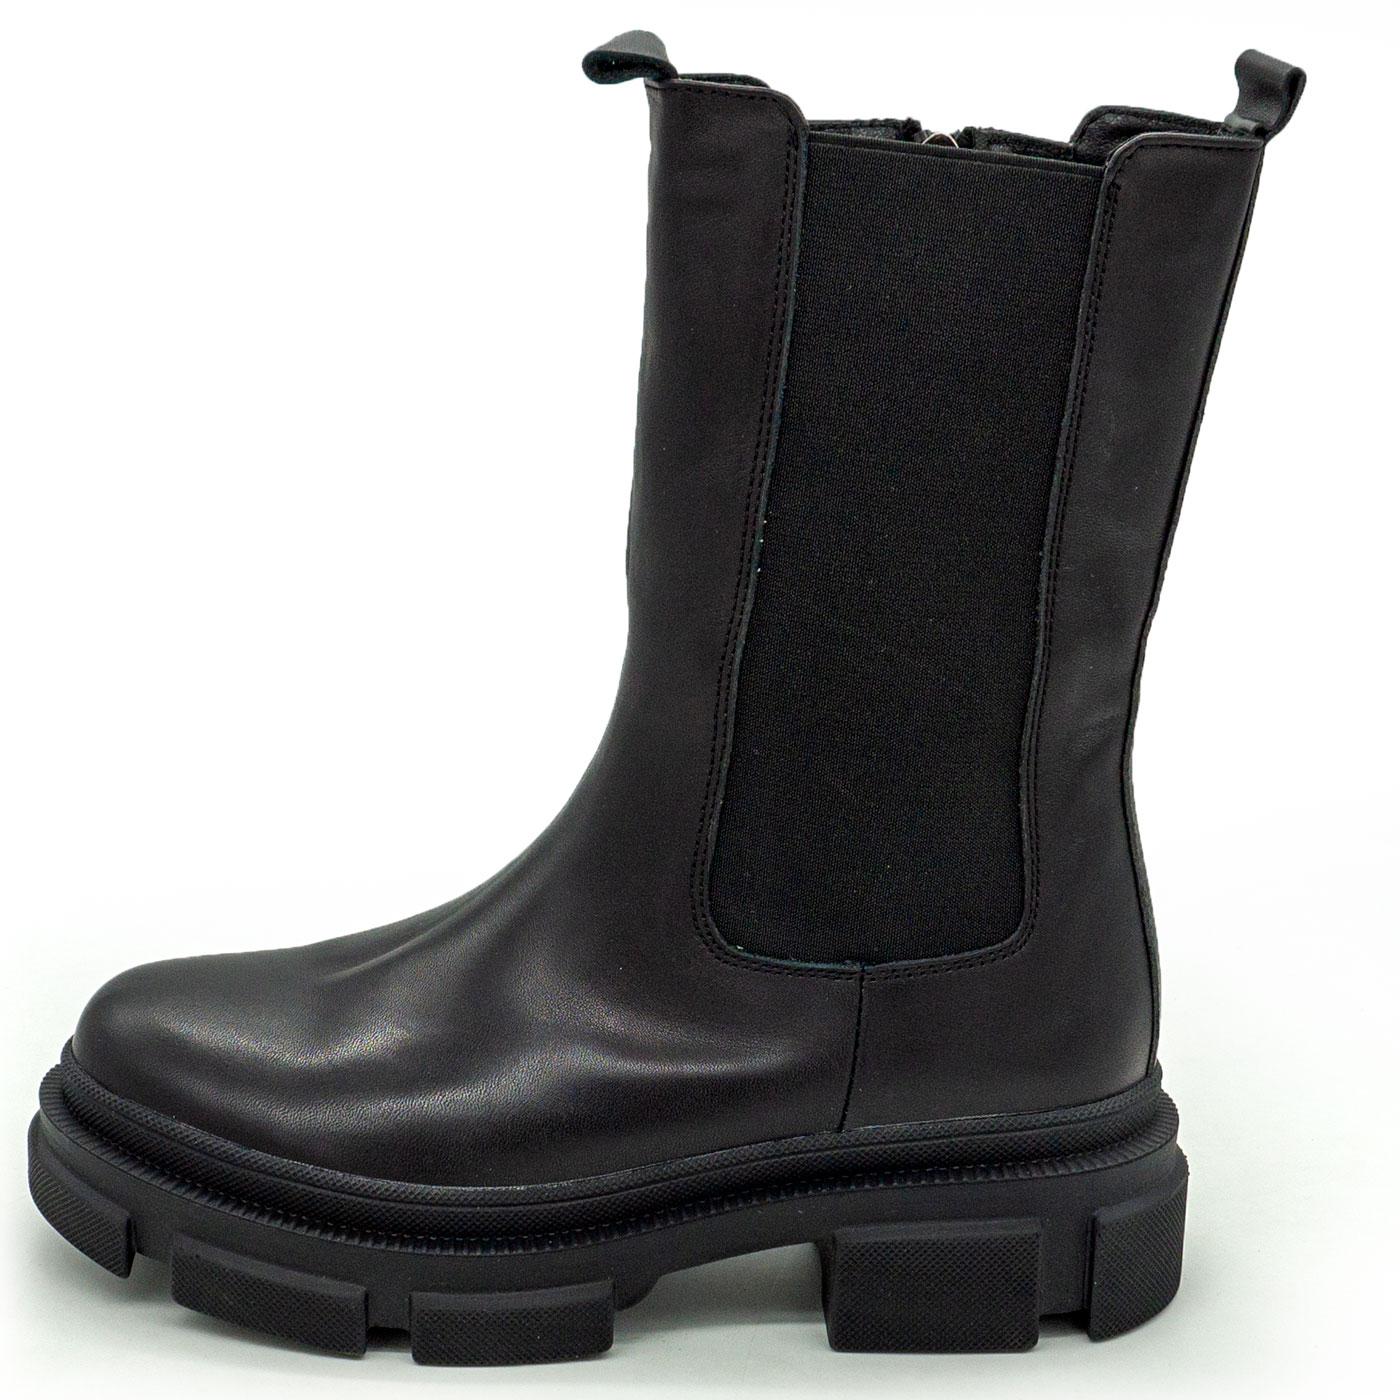 фото main Зимние черные женские ботинки в Dr. Martens на платформе - 001 main